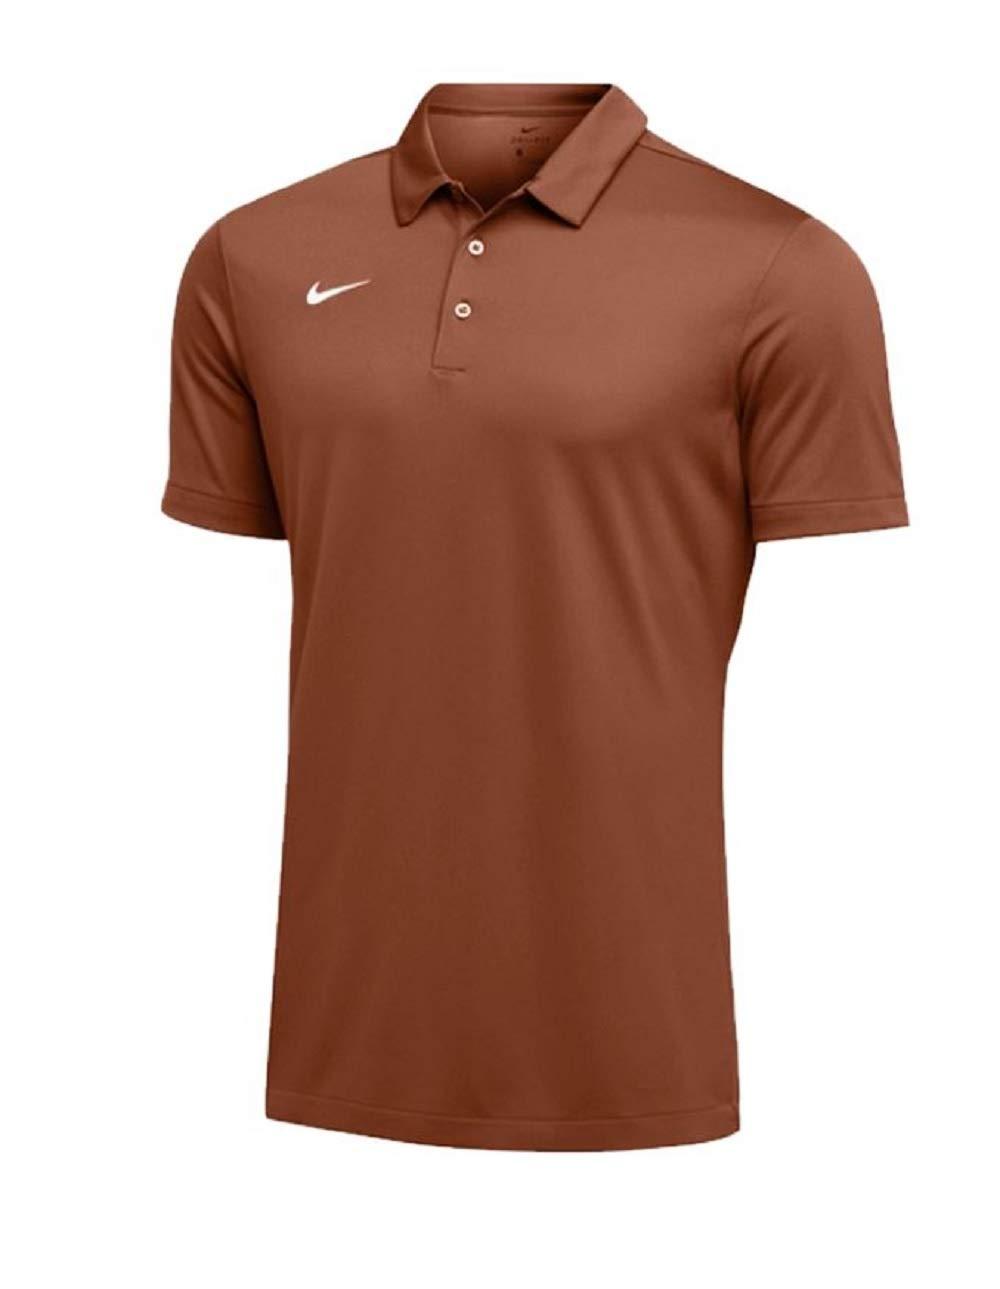 Nike Mens Dri-FIT Short Sleeve Polo Shirt (Medium, Desert Orange)